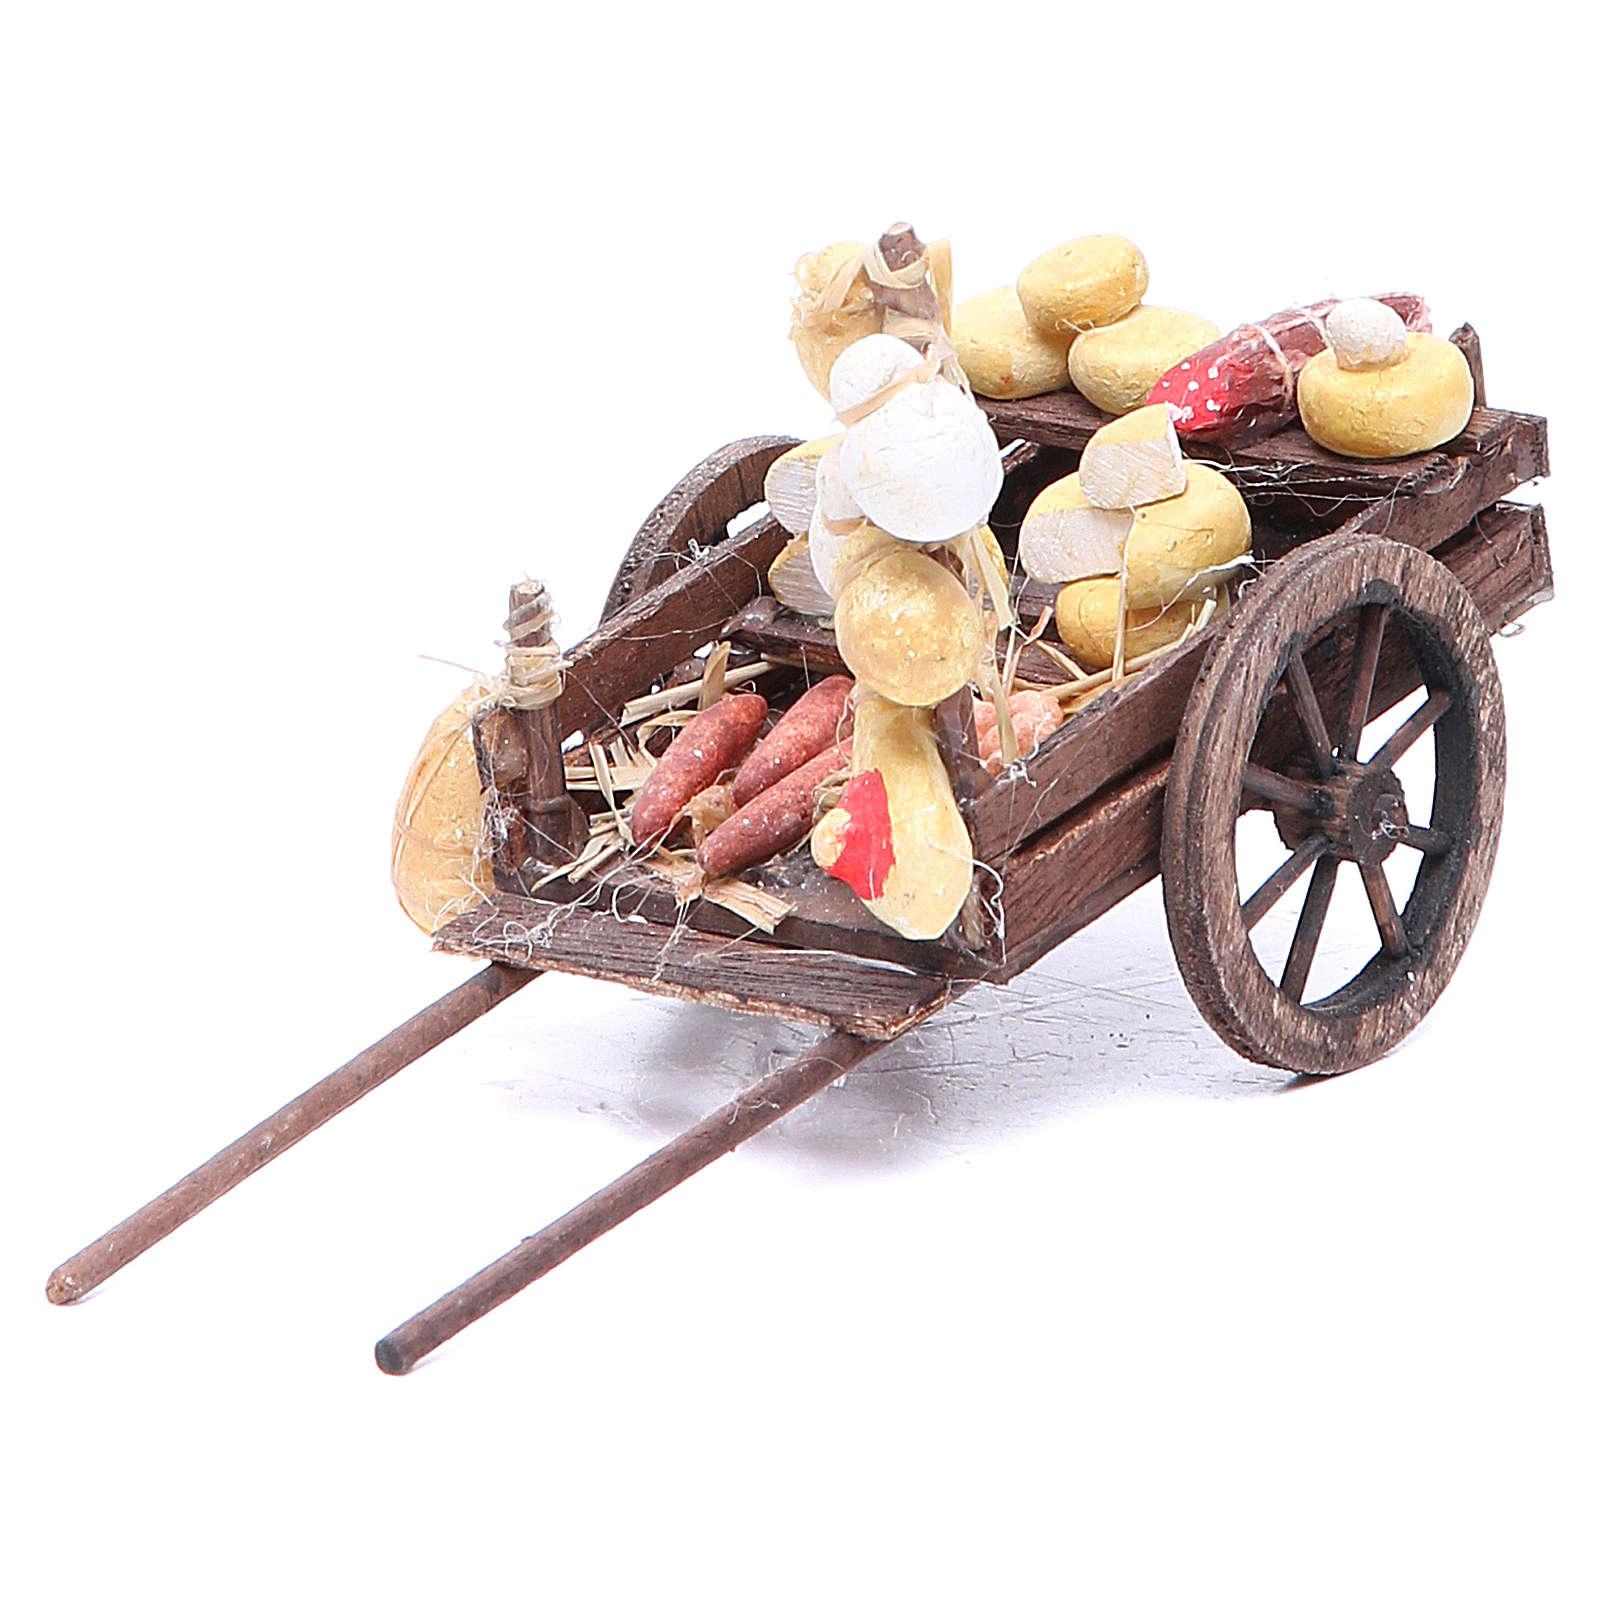 Carretto frutta 9x15x6 cm presepe napoletano 4